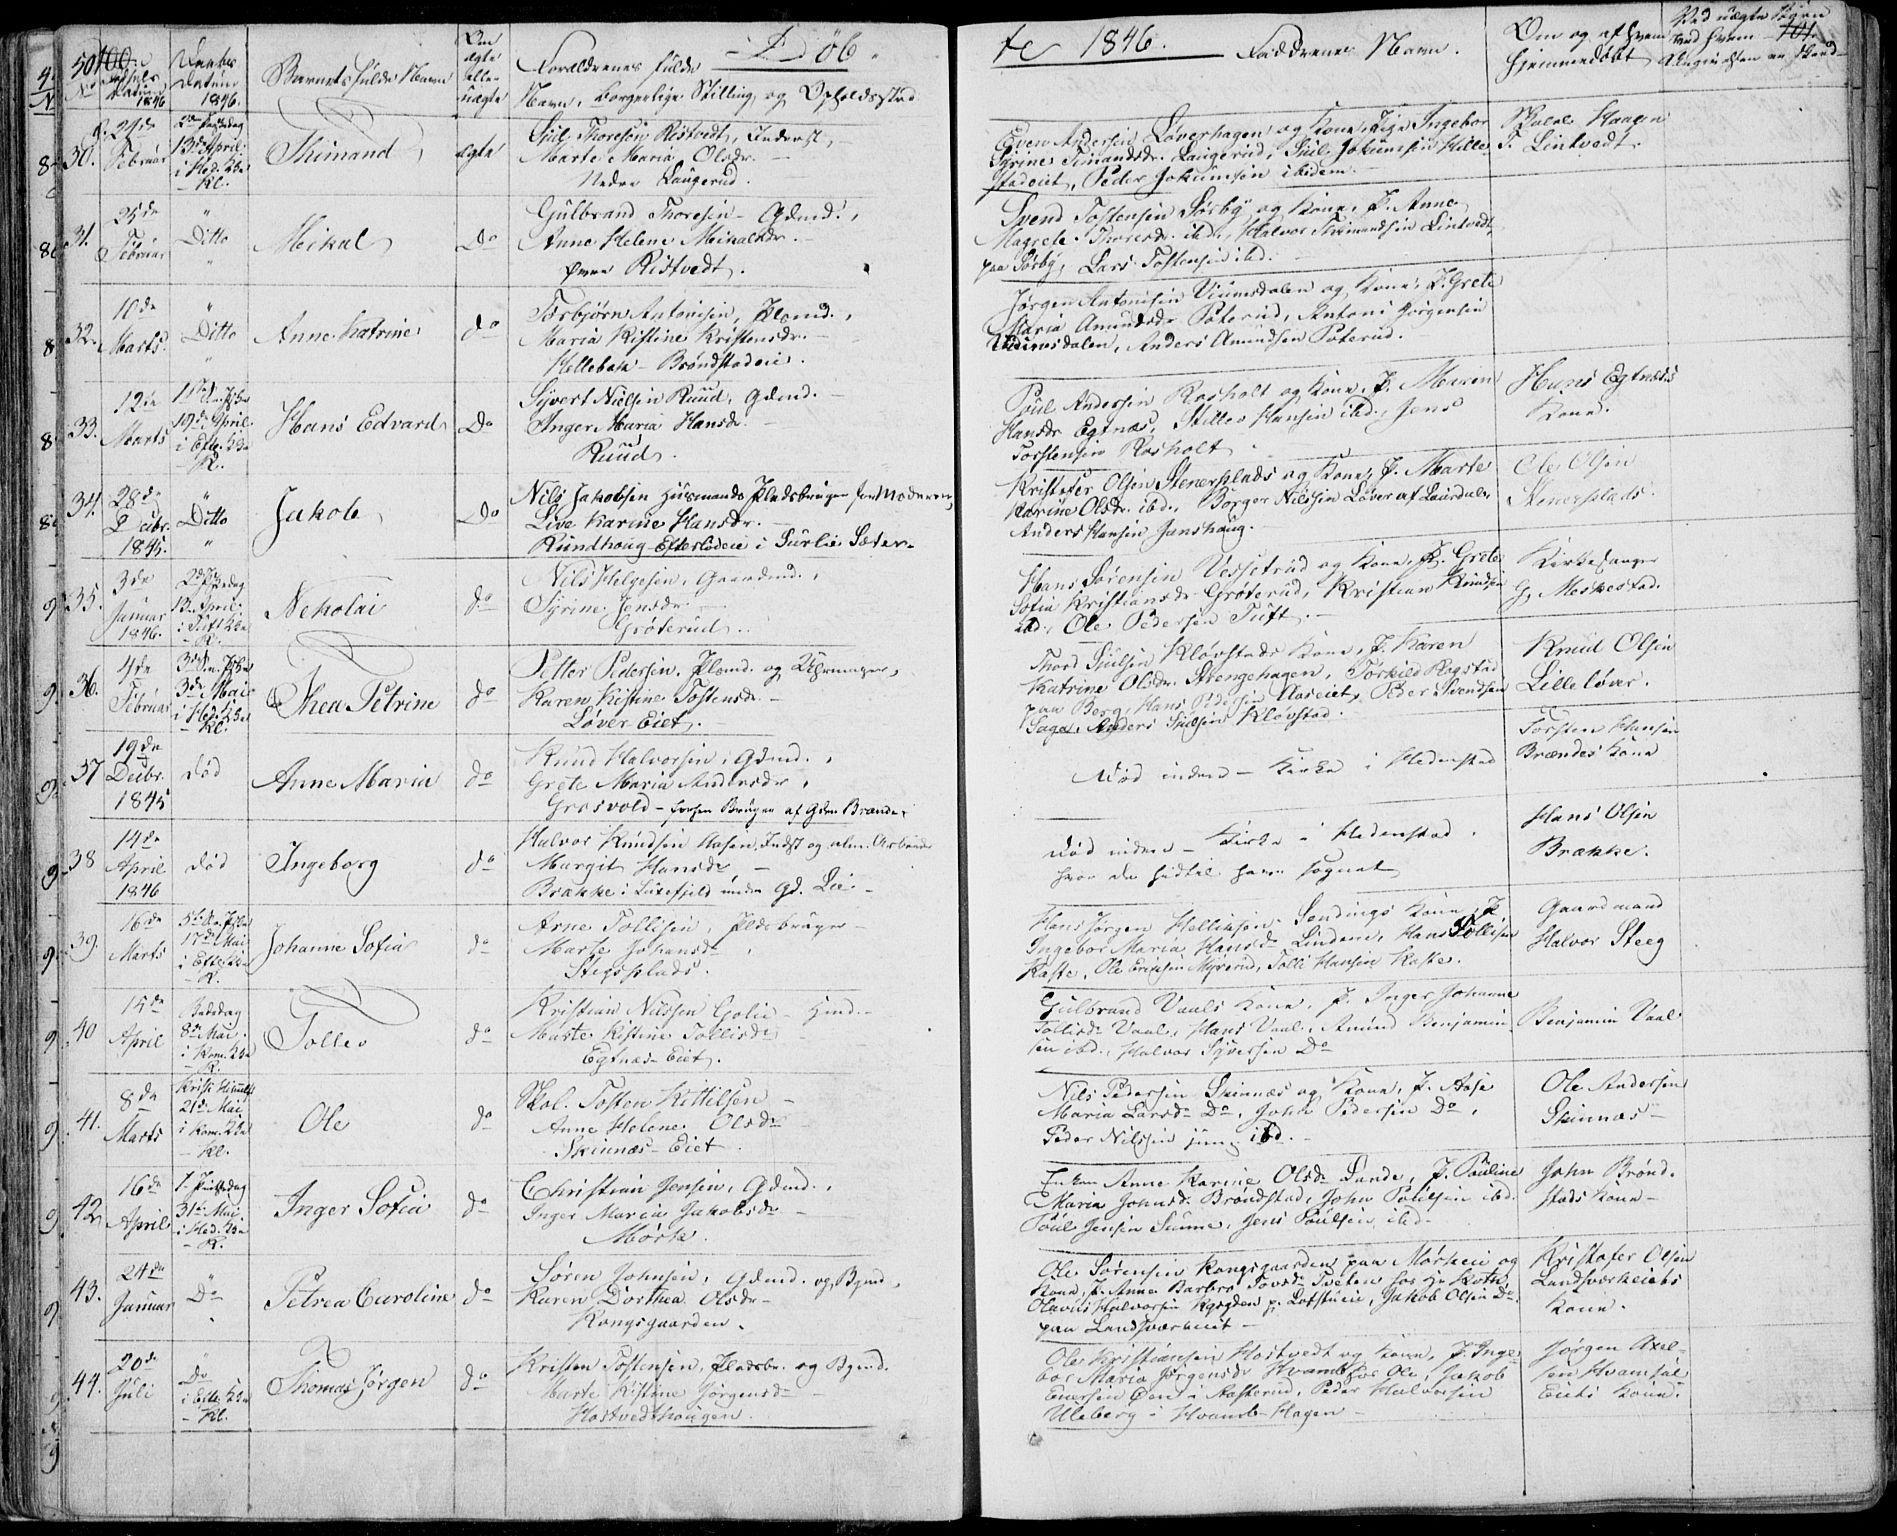 SAKO, Sandsvær kirkebøker, F/Fa/L0005: Ministerialbok nr. I 5, 1840-1856, s. 100-101